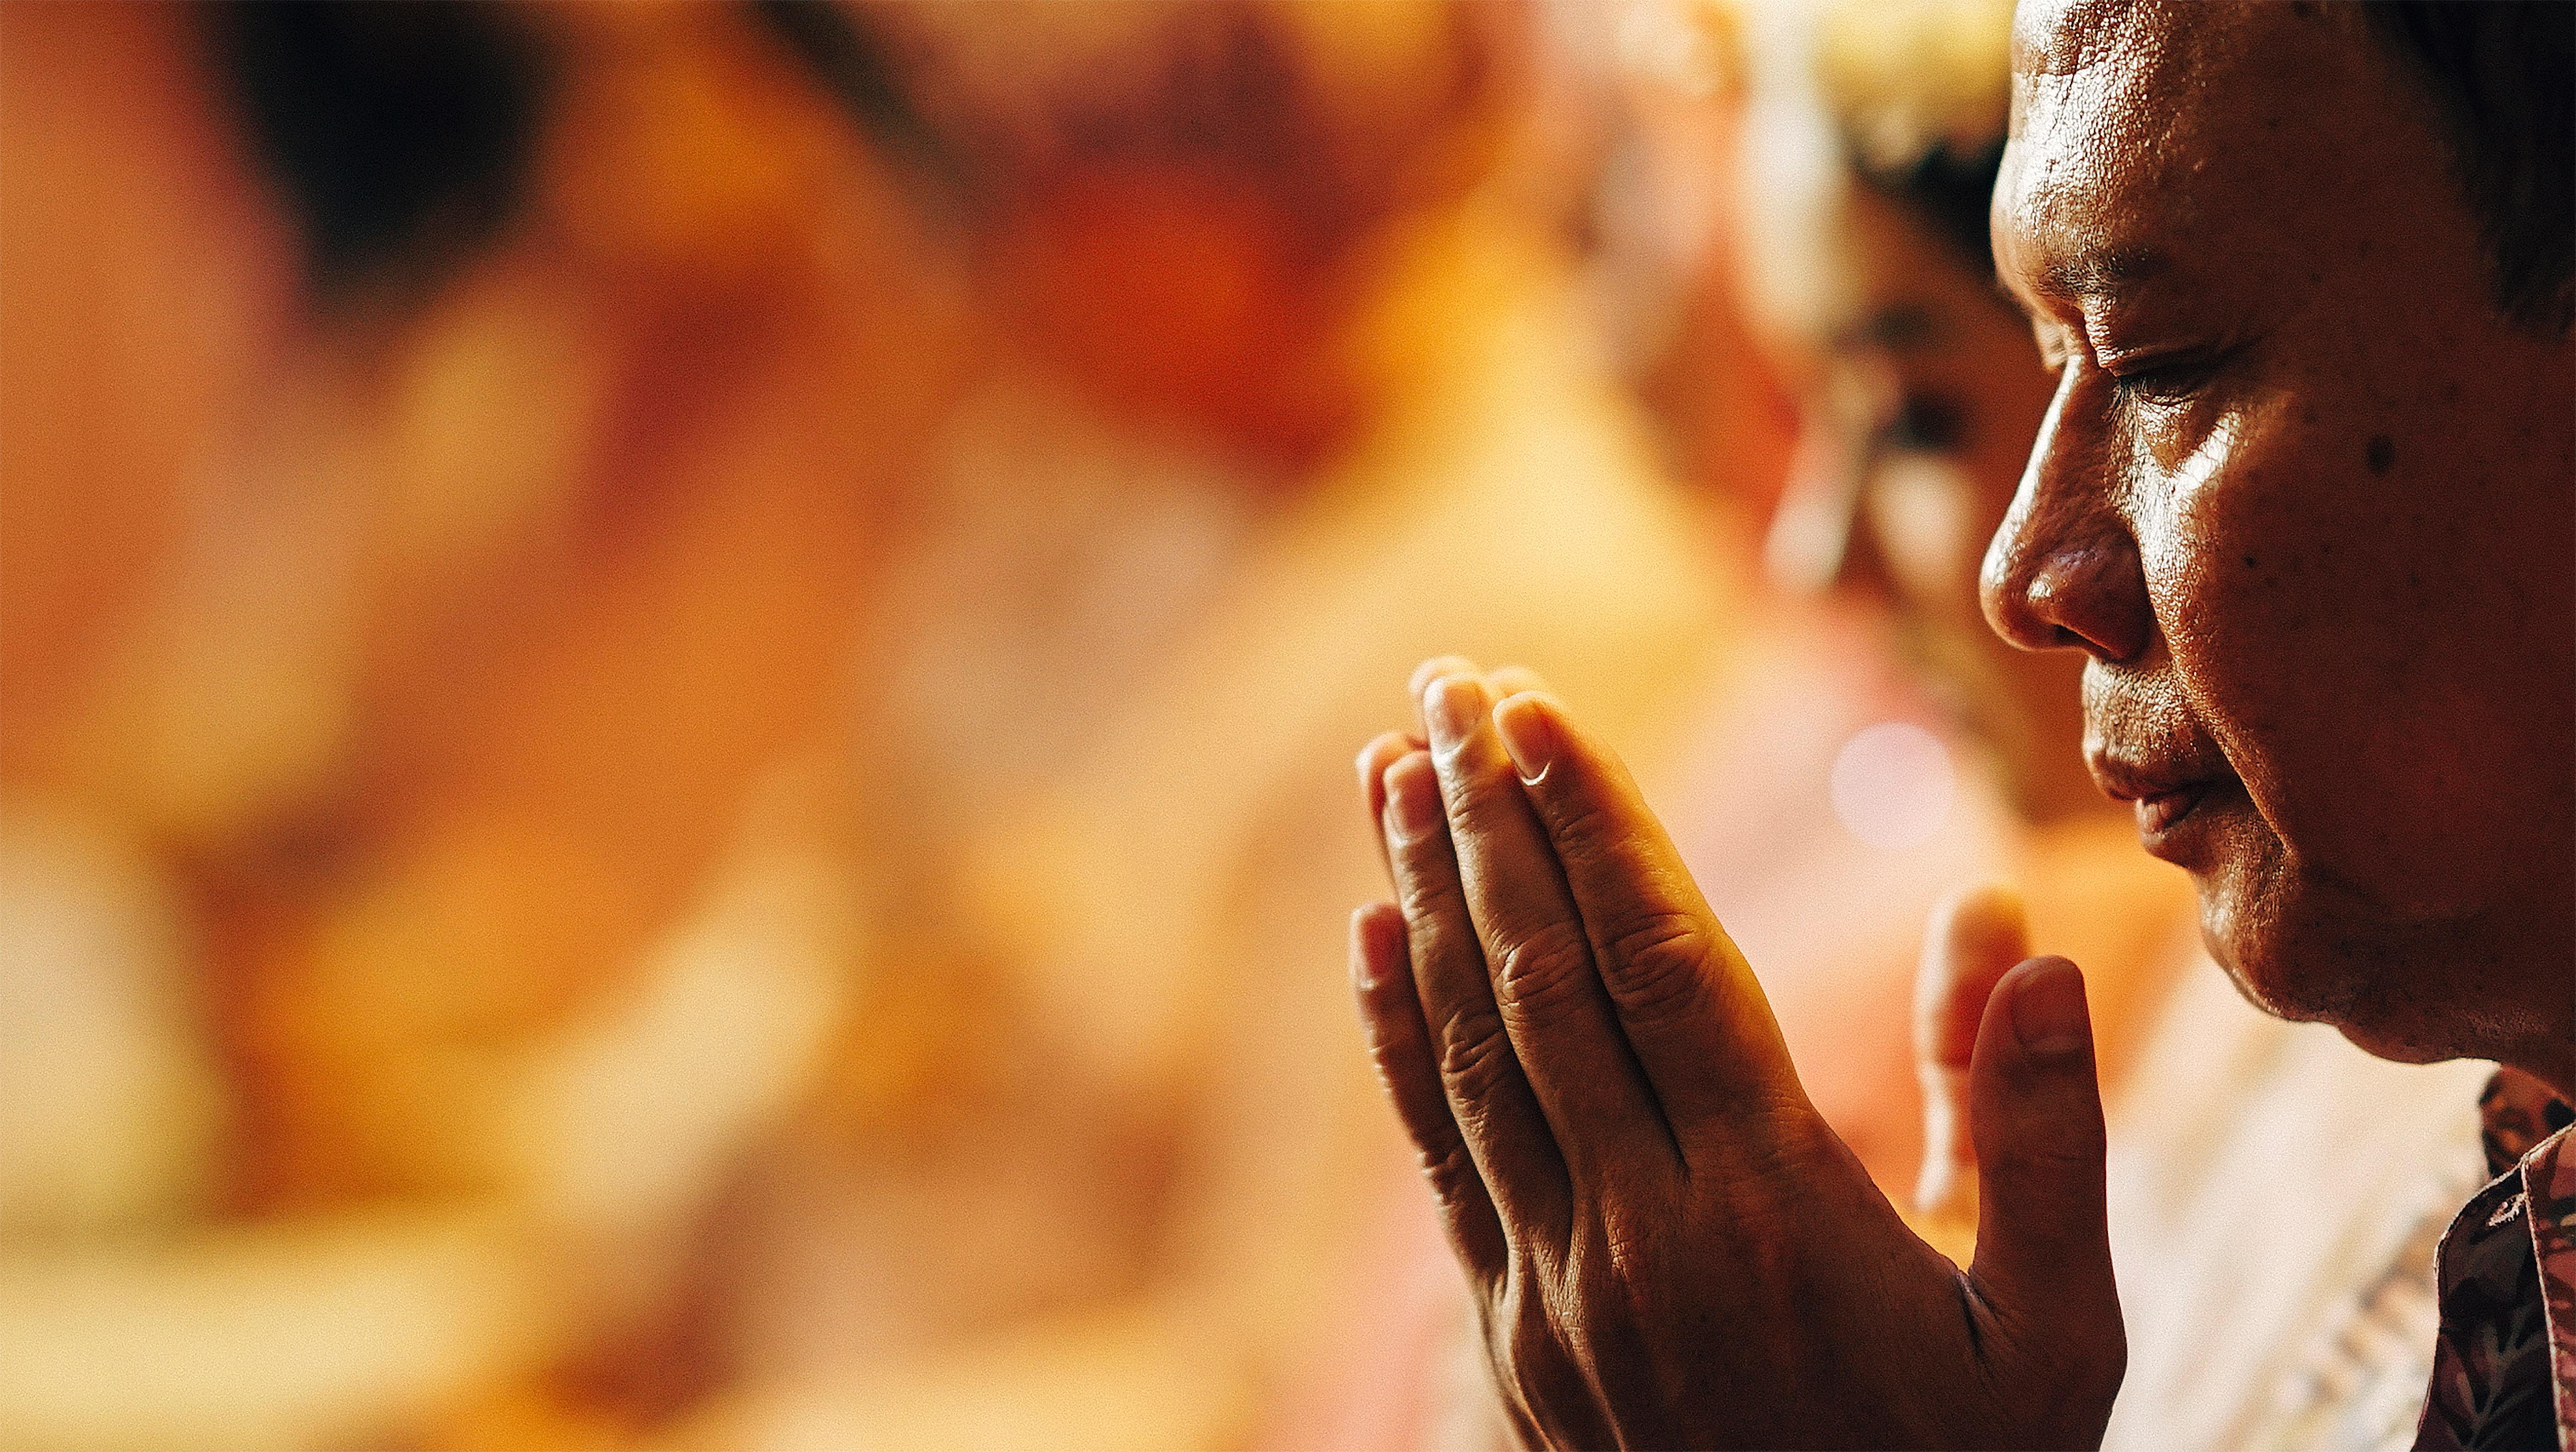 person praying